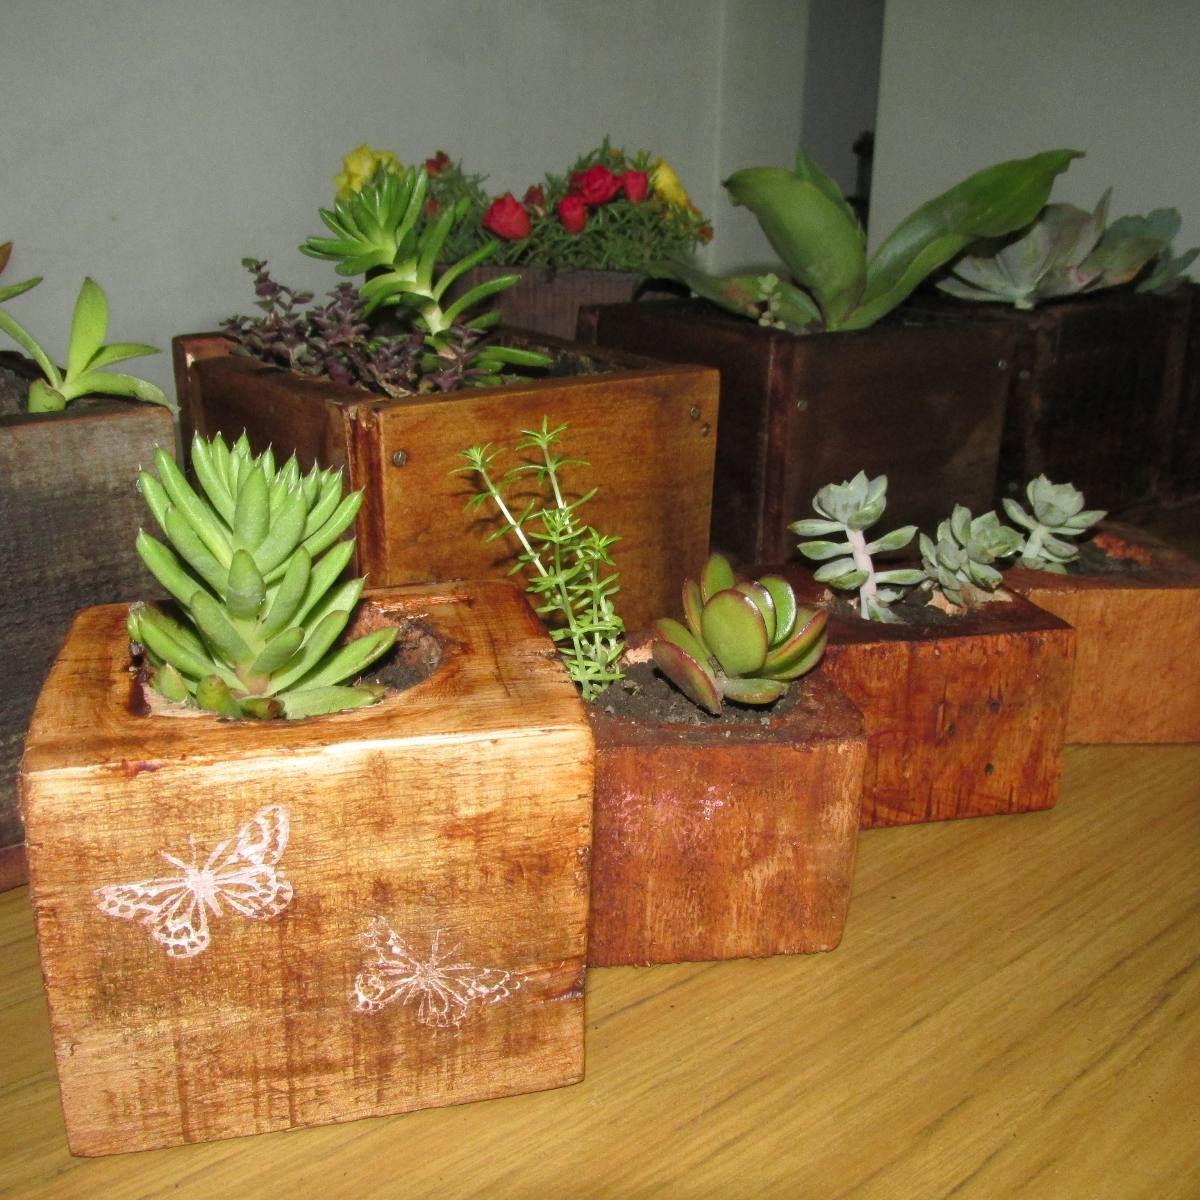 Tacos de madera reciclada con cactus y sucus 35 00 - Macetas de madera ...